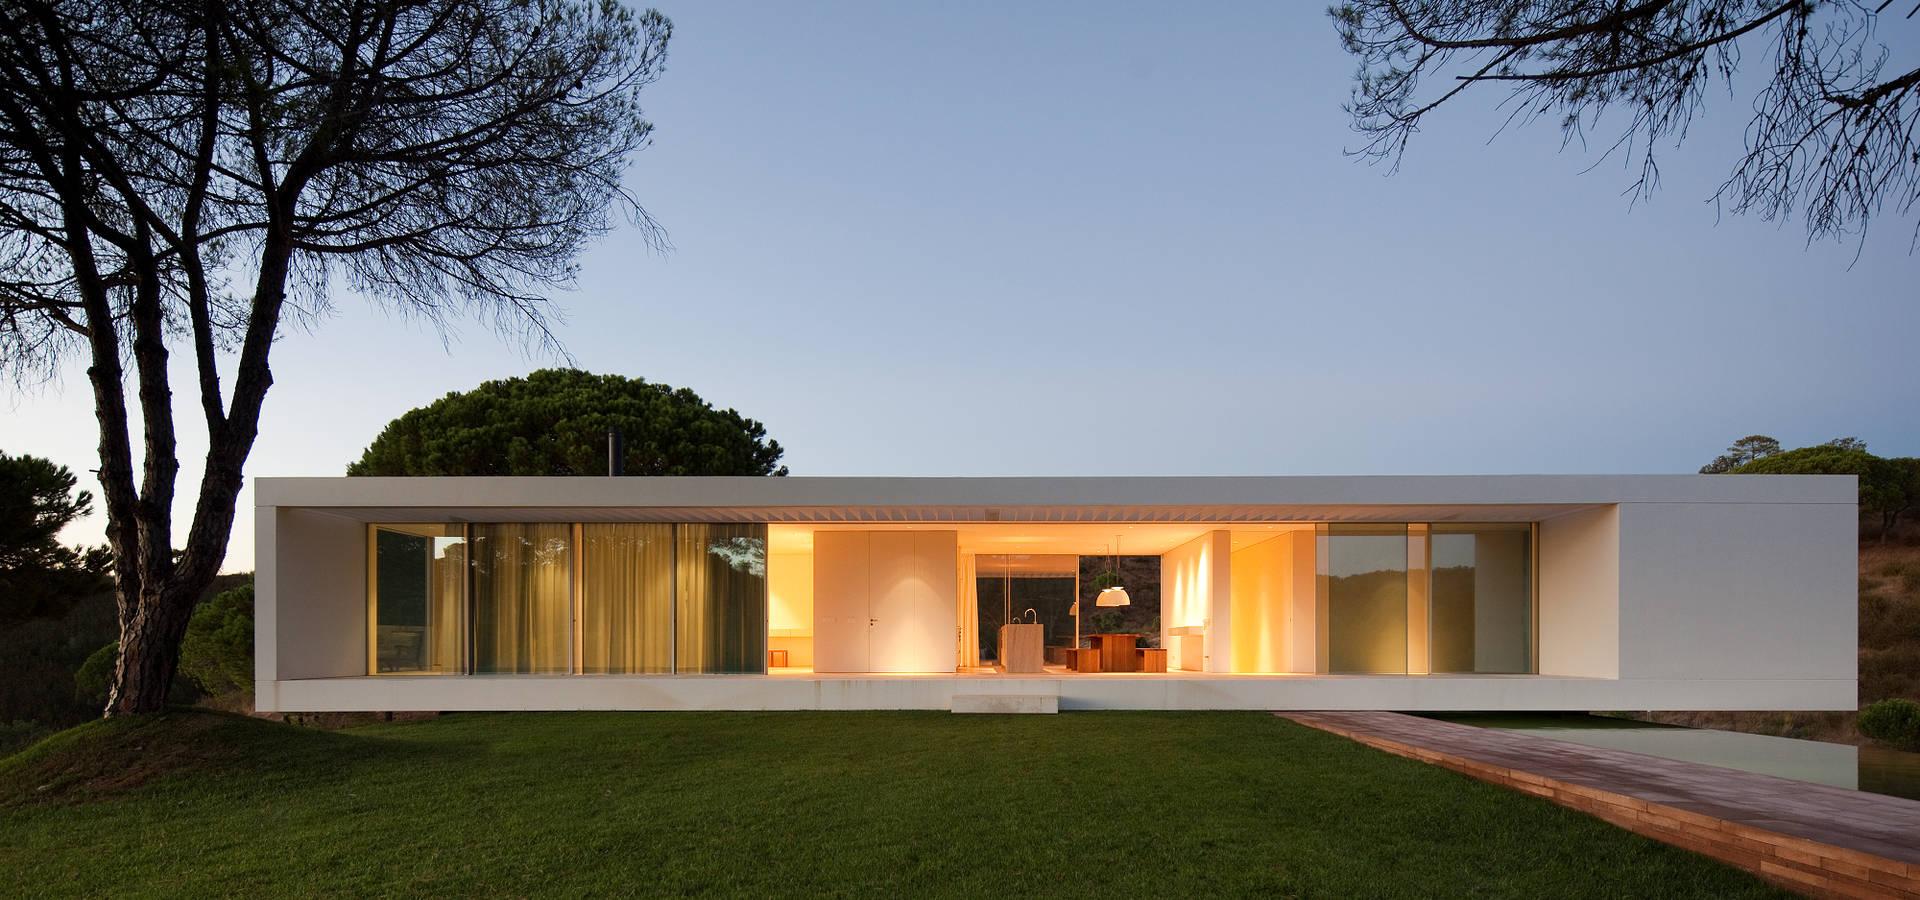 Pedro Reis Arquitecto